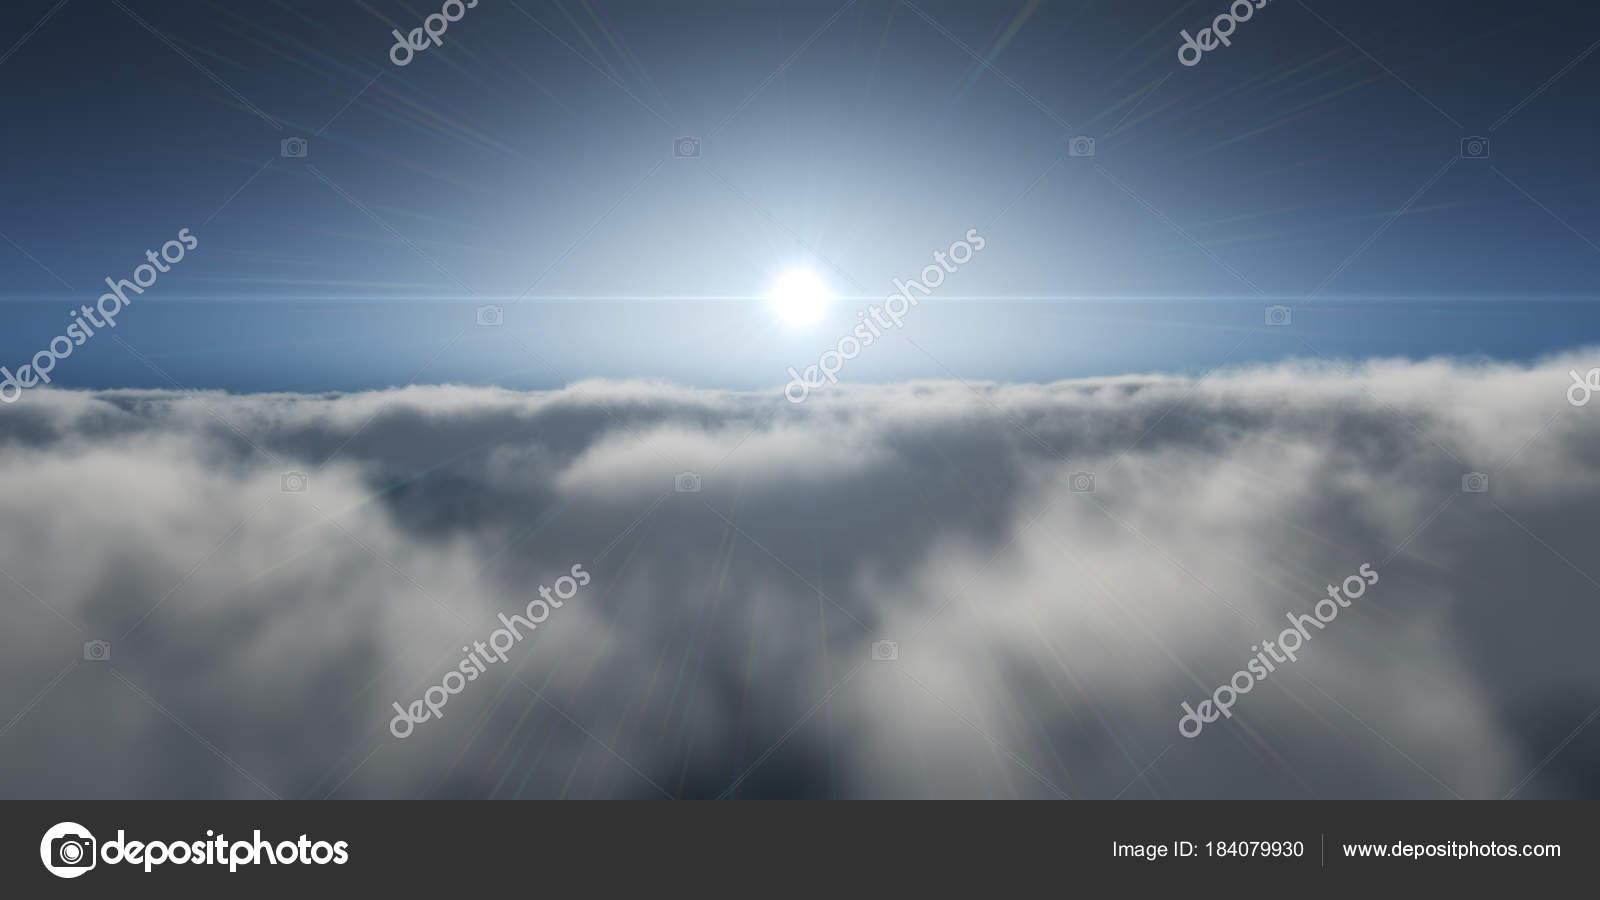 Acima pr sol nuvens stock photo alexnako 184079930 acima no pr do sol as nuvens foto de alexnako thecheapjerseys Choice Image